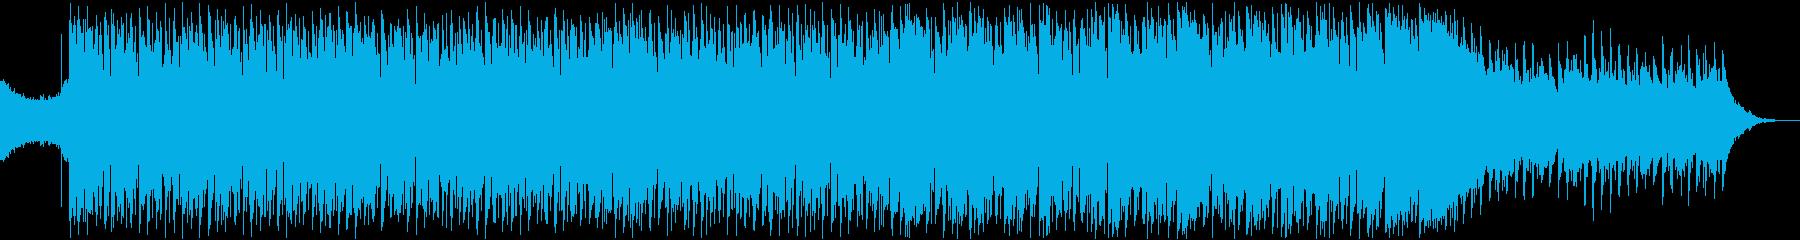 Overture・イントロ・OP・ライブの再生済みの波形